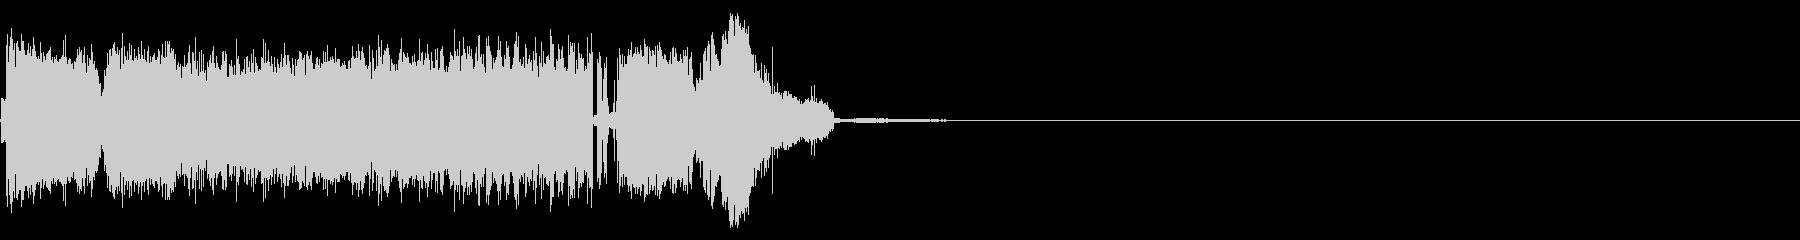 ザップアウトの未再生の波形